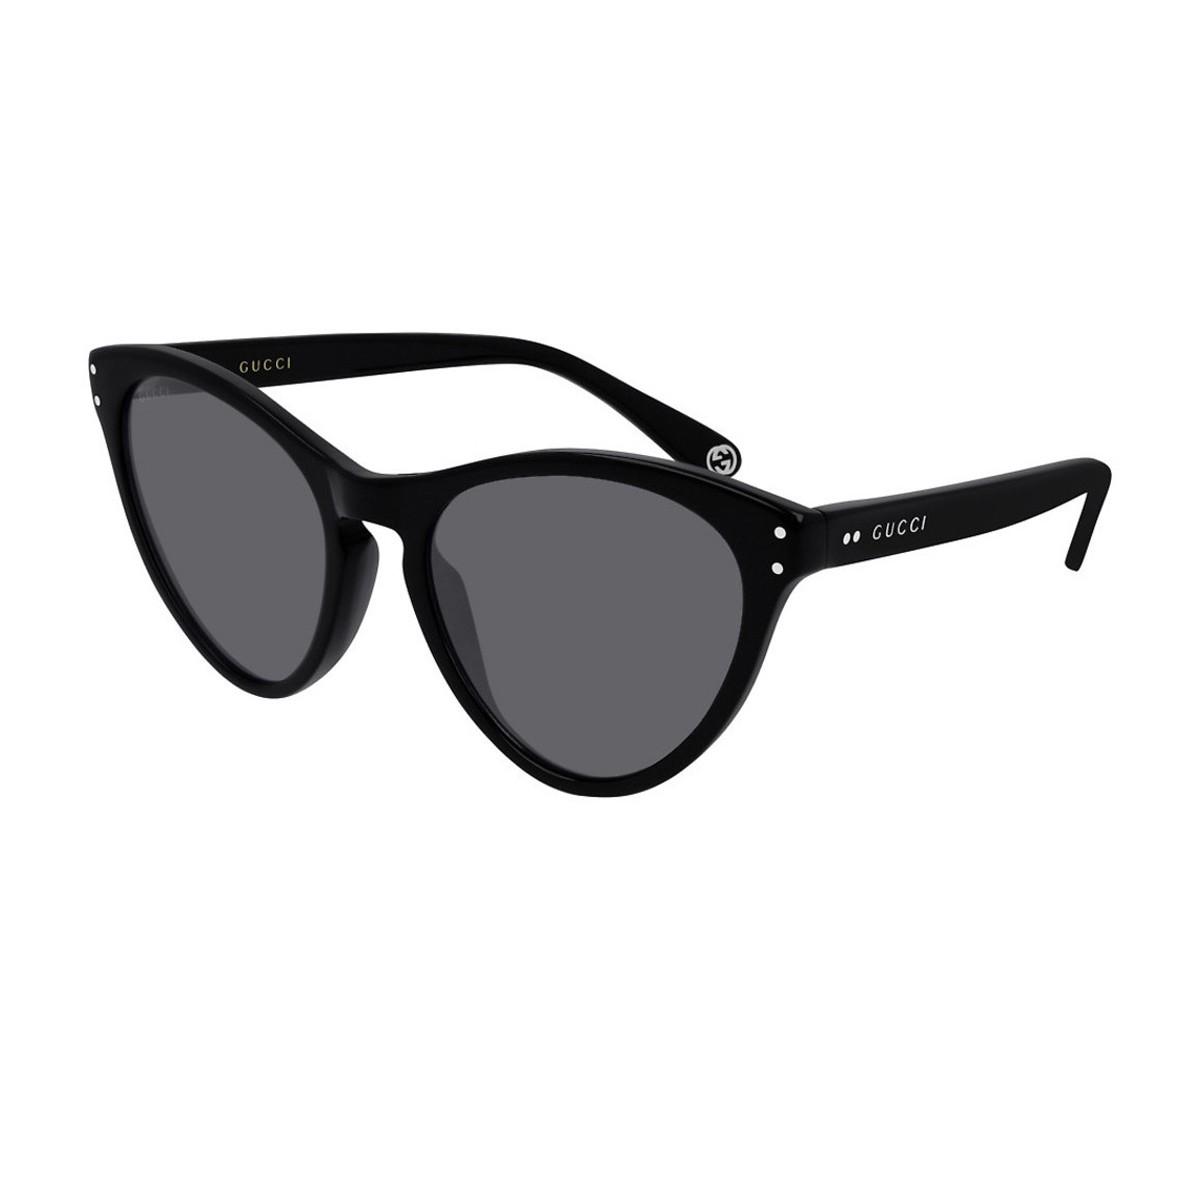 Gucci GG0569S | Occhiali da sole Donna